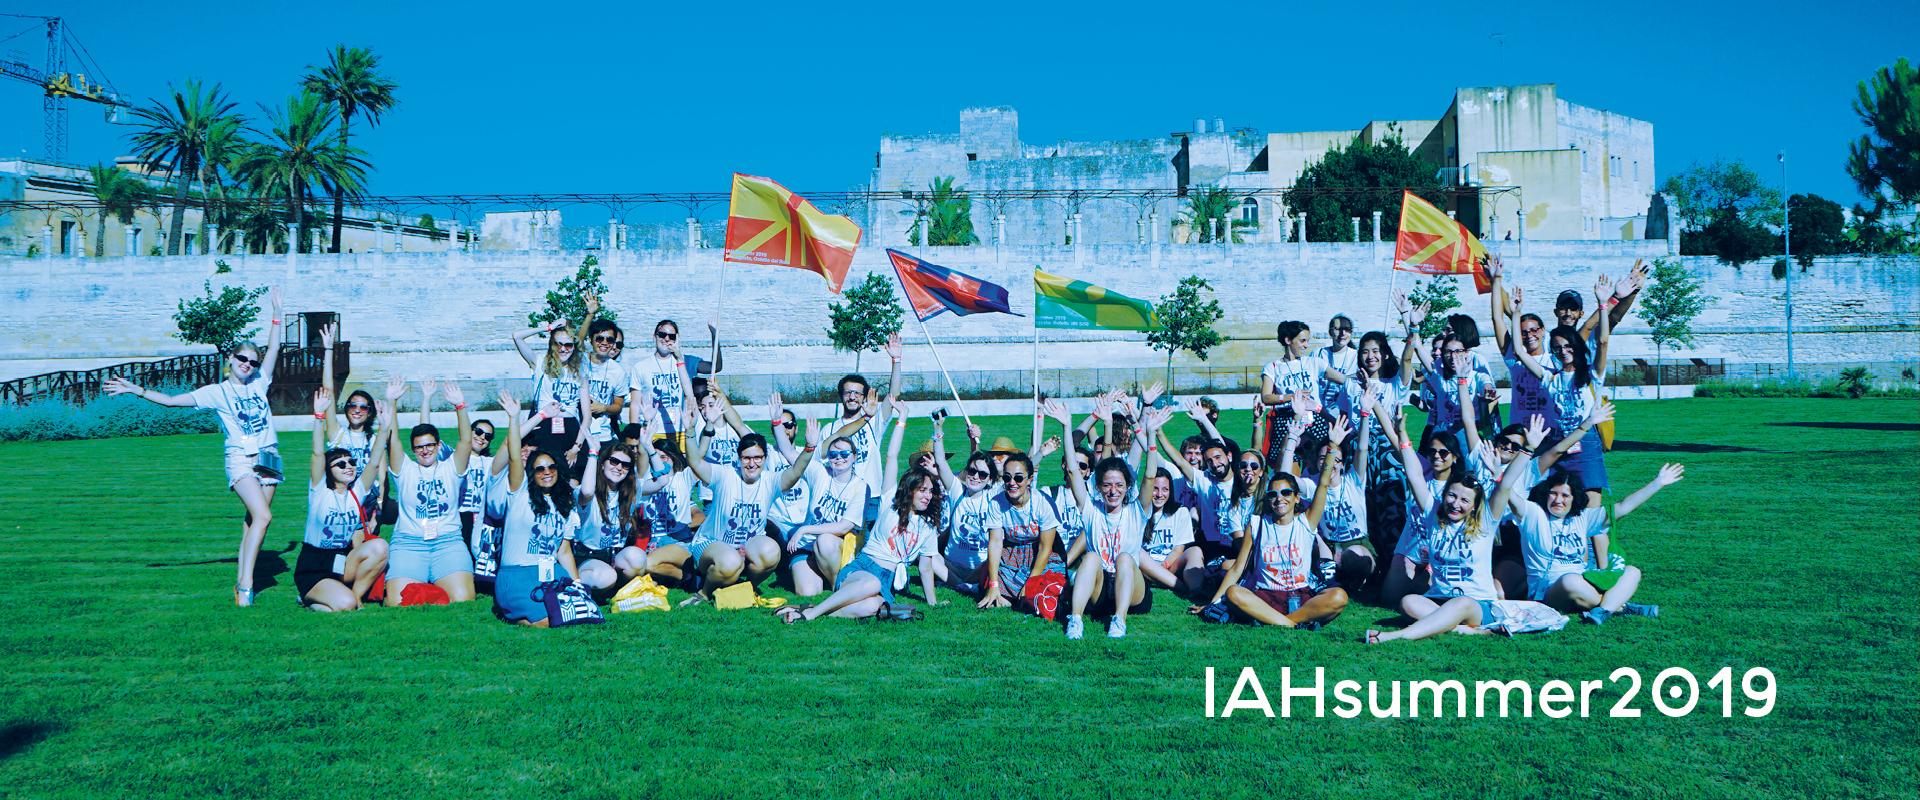 IAHsummer19